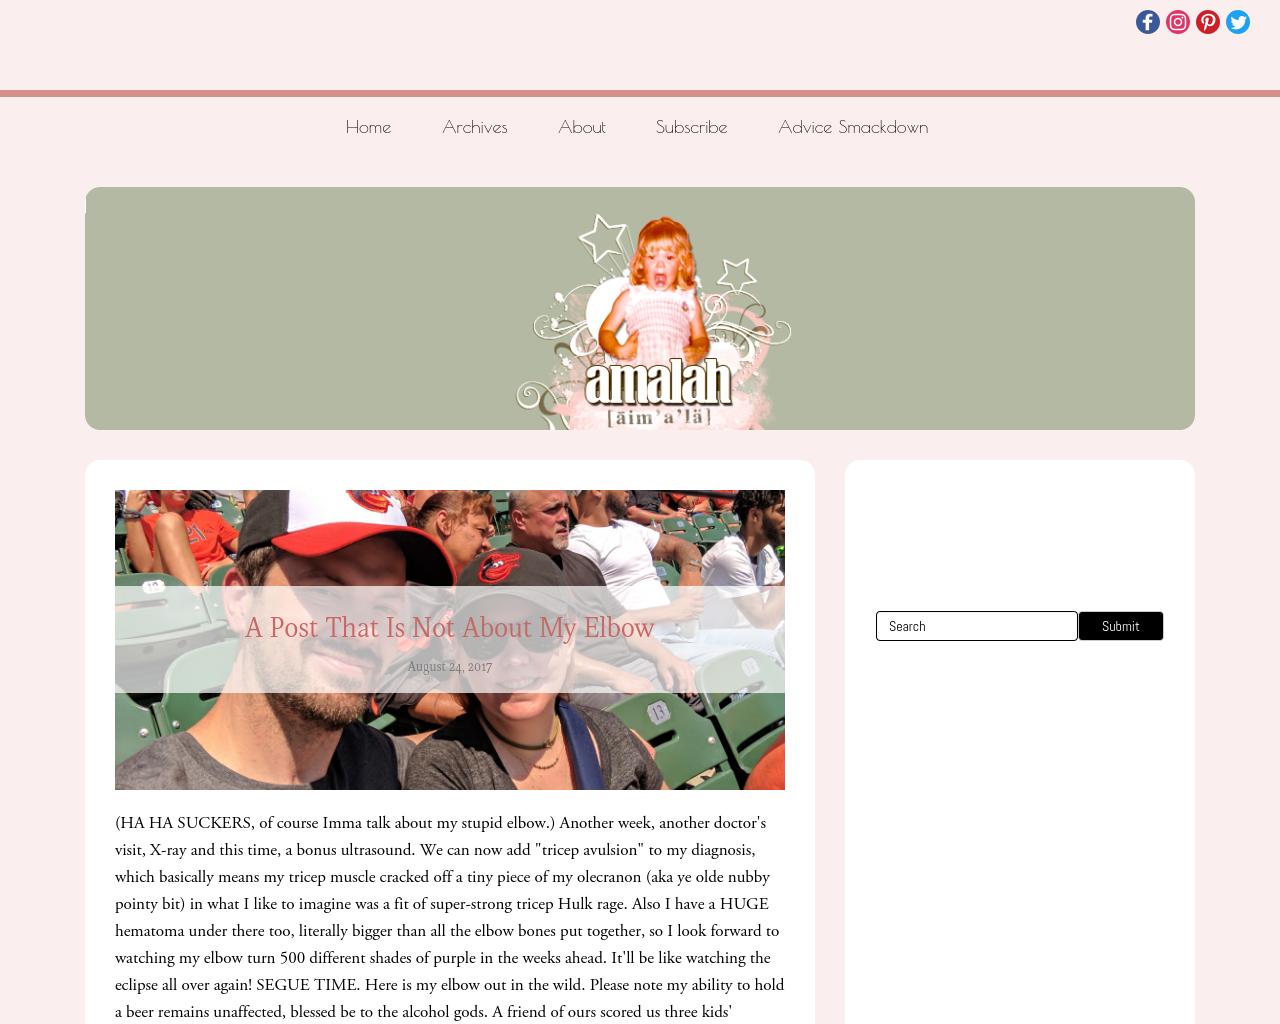 amalah-Advertising-Reviews-Pricing